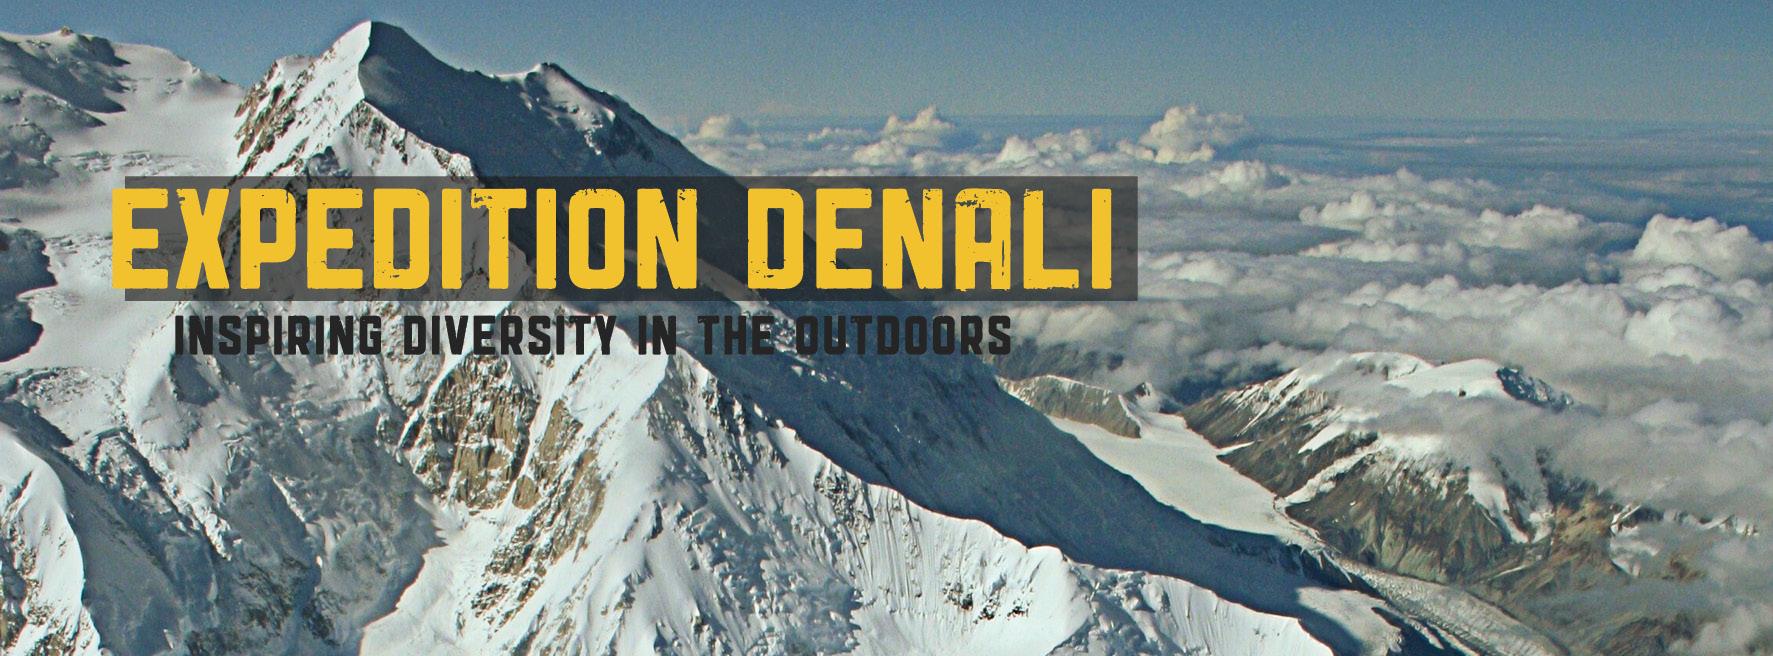 Expedition-Denali-Header.jpg